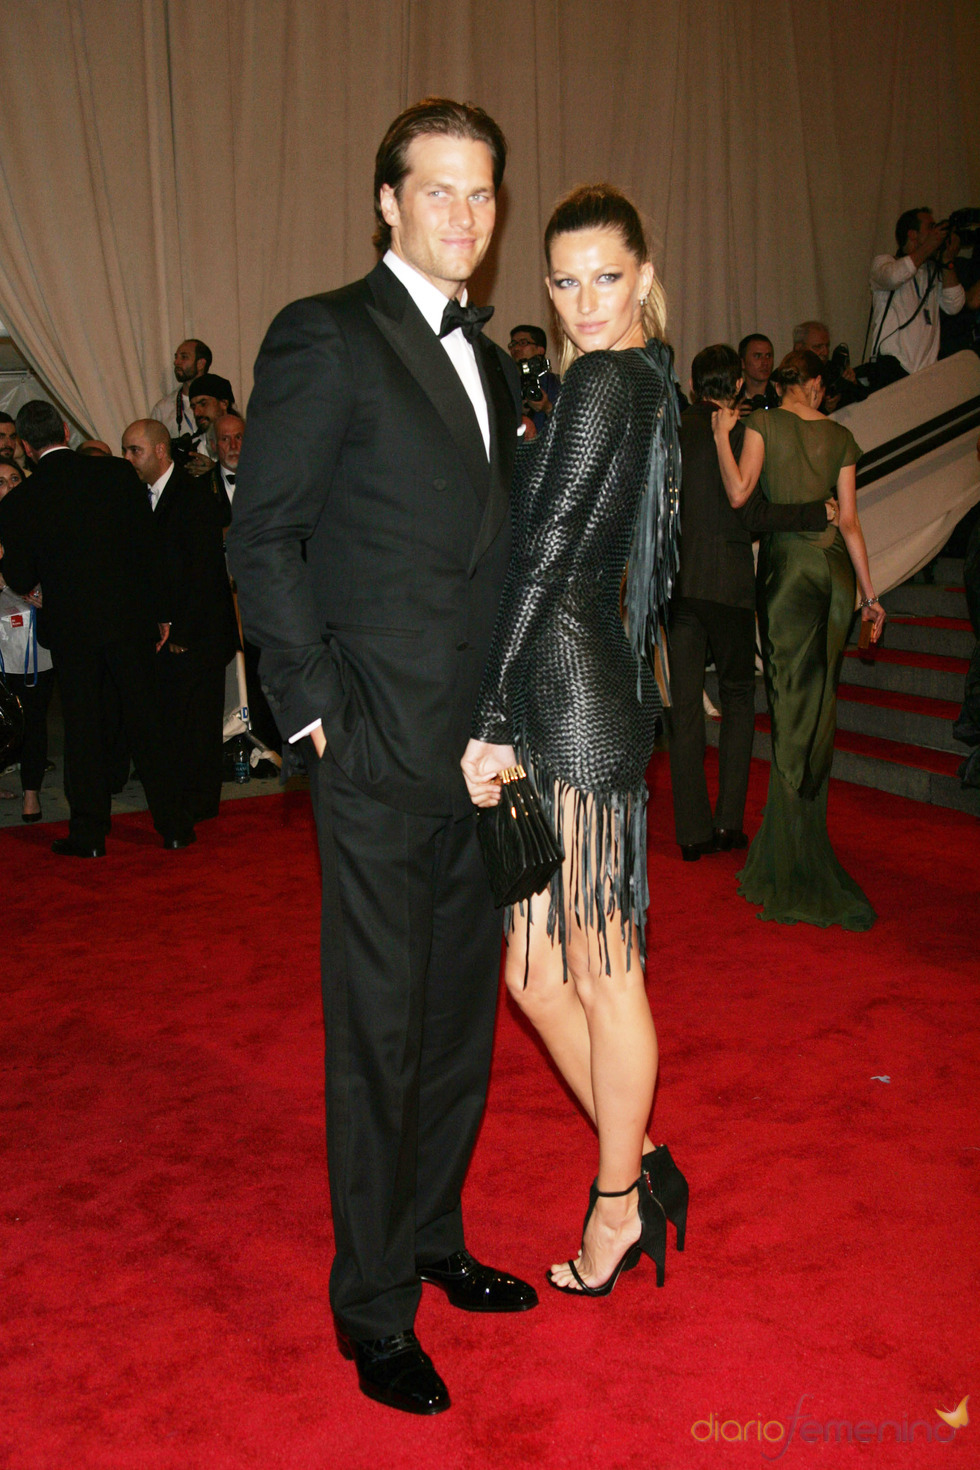 Gisele Bündchen y Tom Brady en la gala del Costume Institute